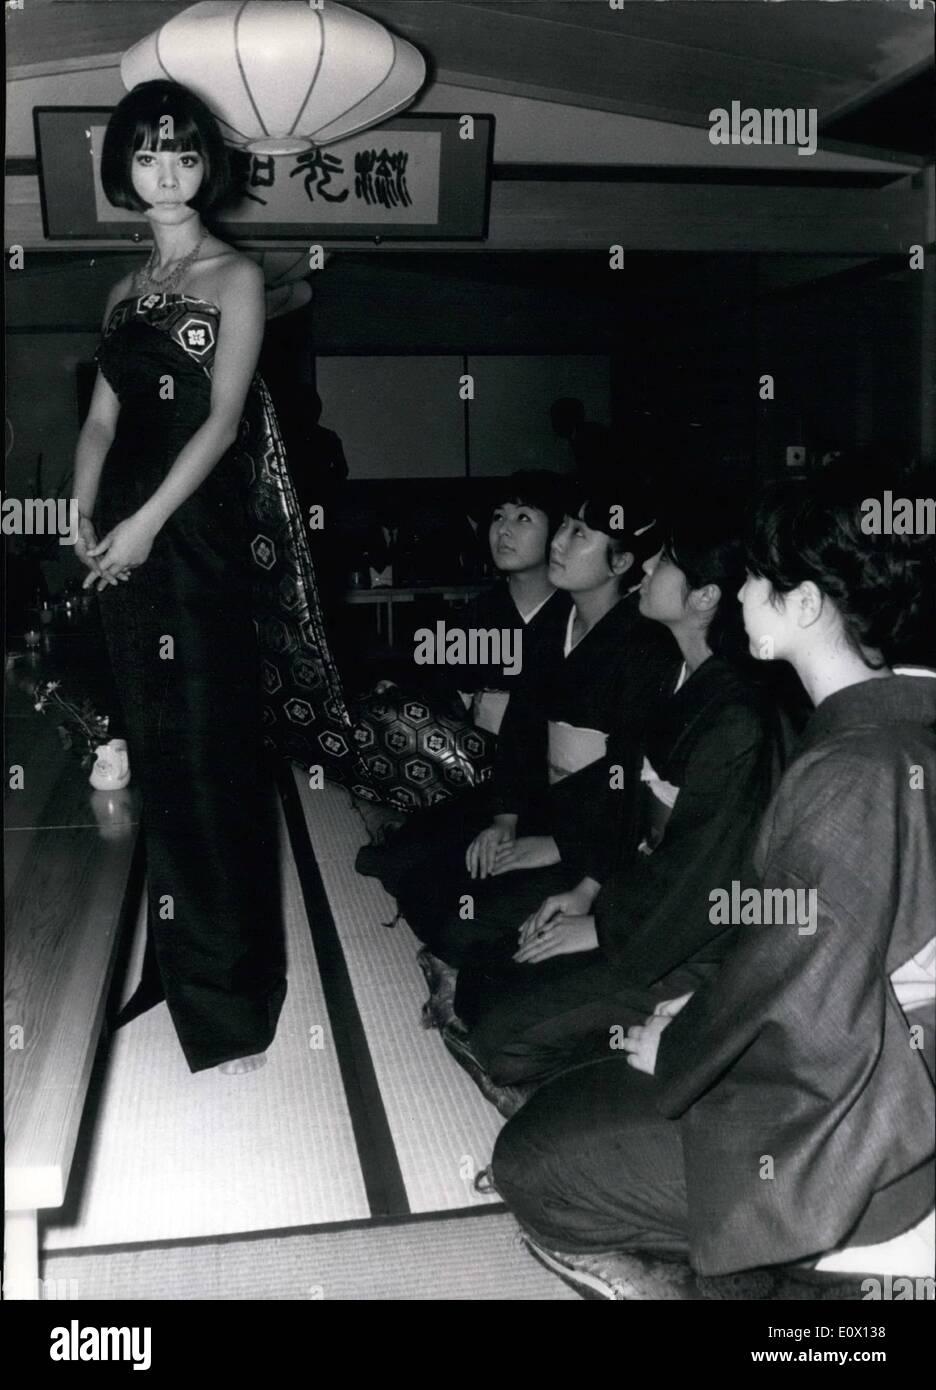 Octubre 10 1964 Japanses Modas Estan En El Tiempo De Los Juegos